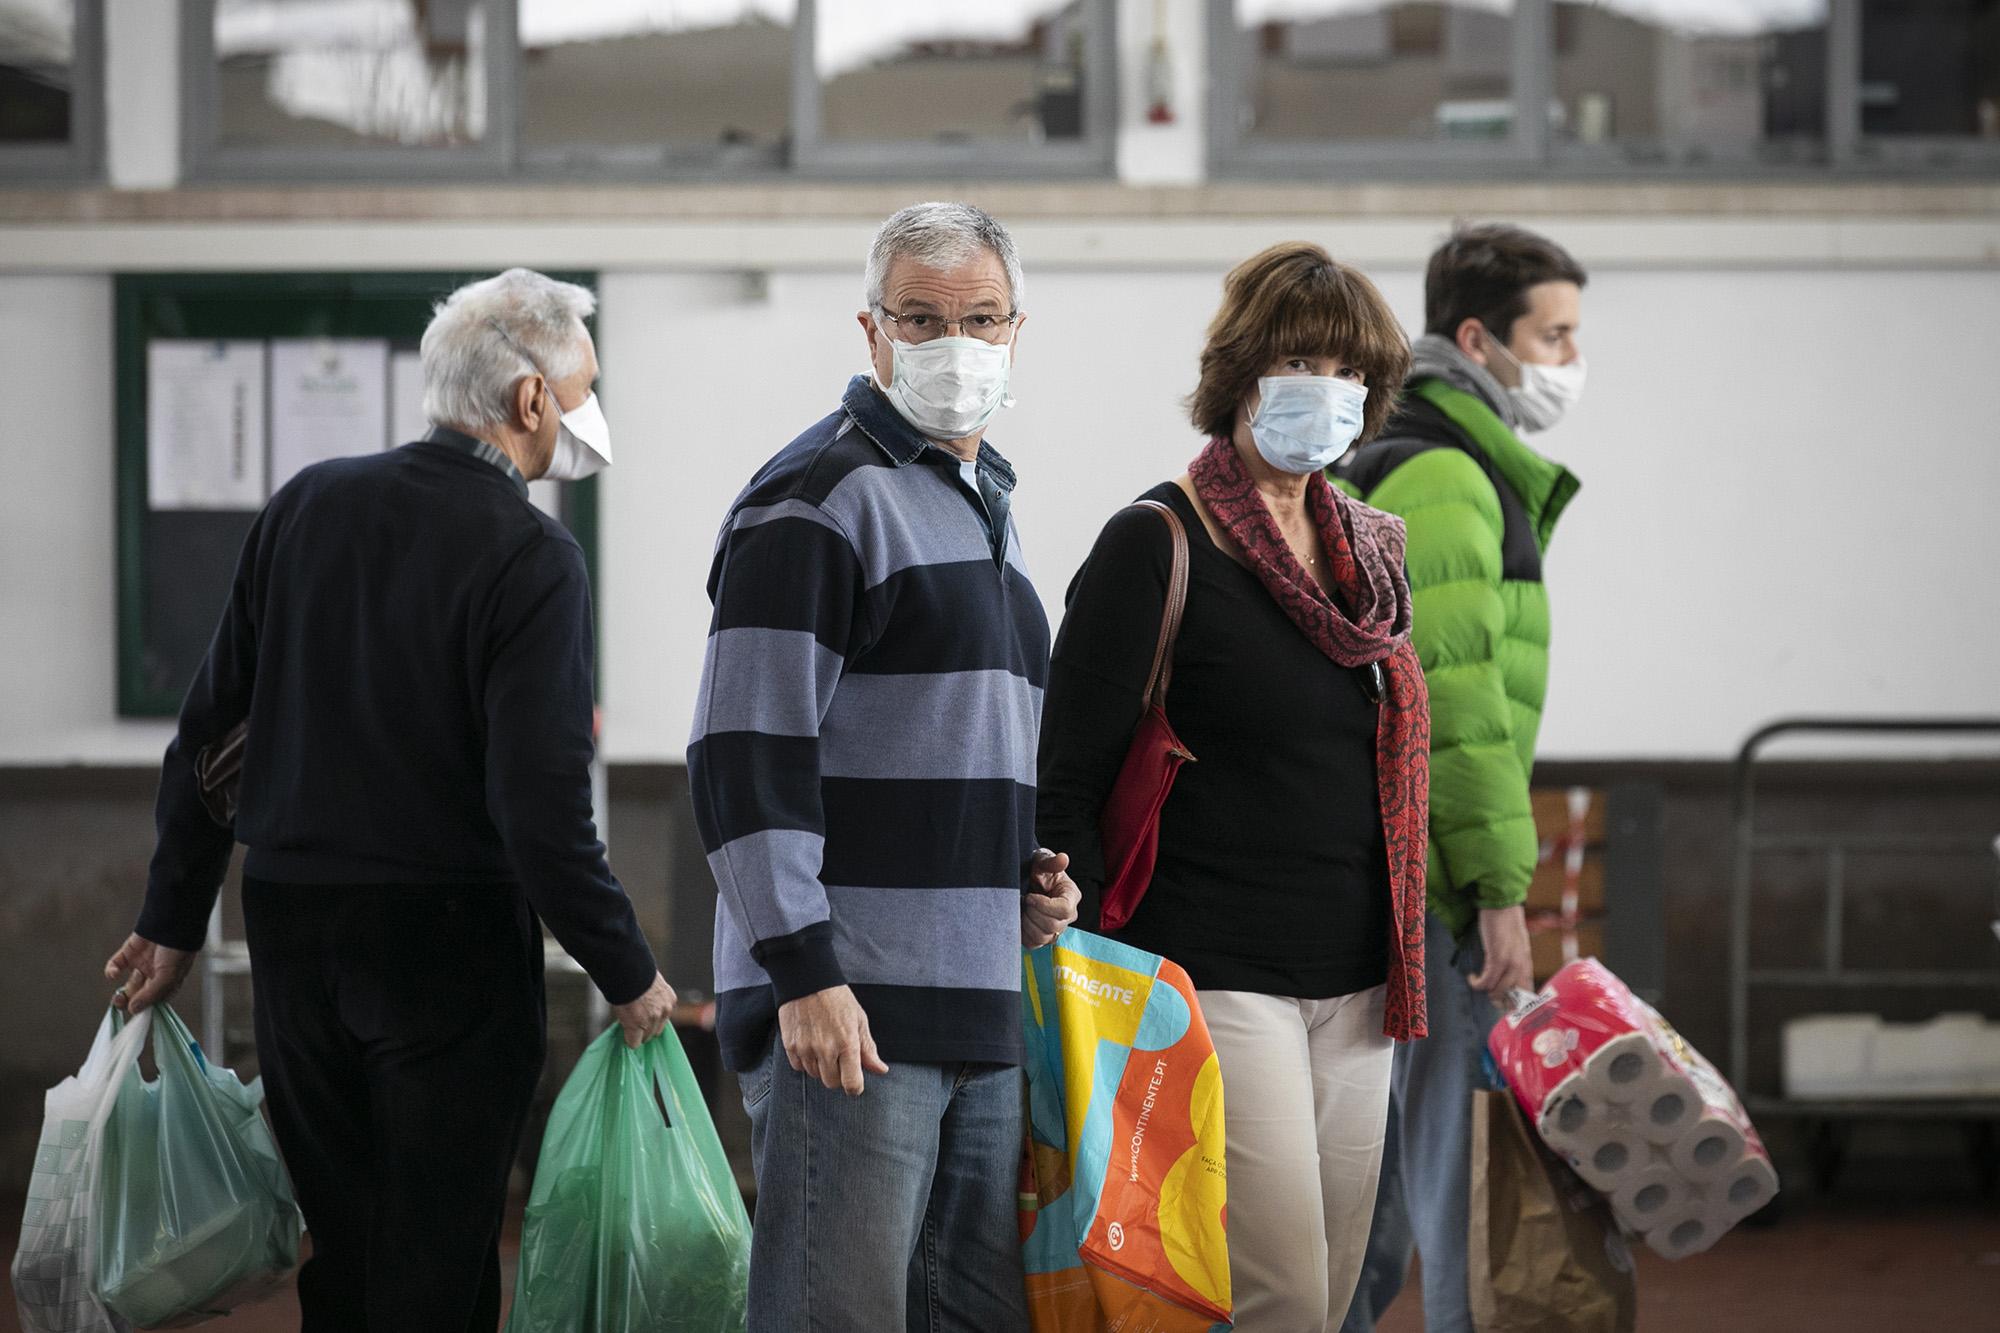 Mercado de Alvalade em tempo de pandemia - 18MAR20